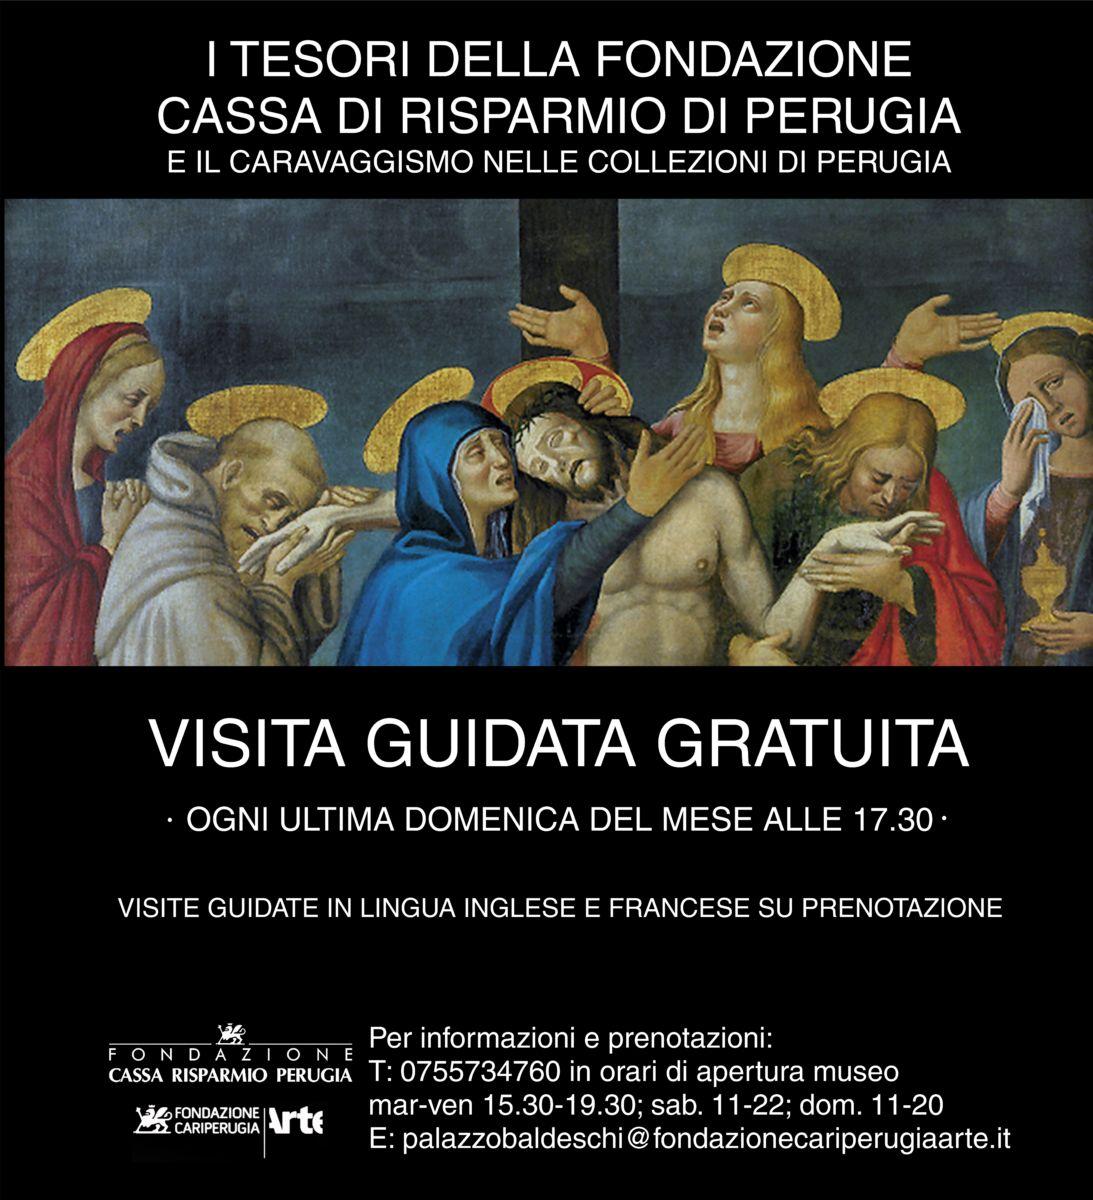 Tesori della Fondazione, visite guidate gratuite l'ultima domenica del mese